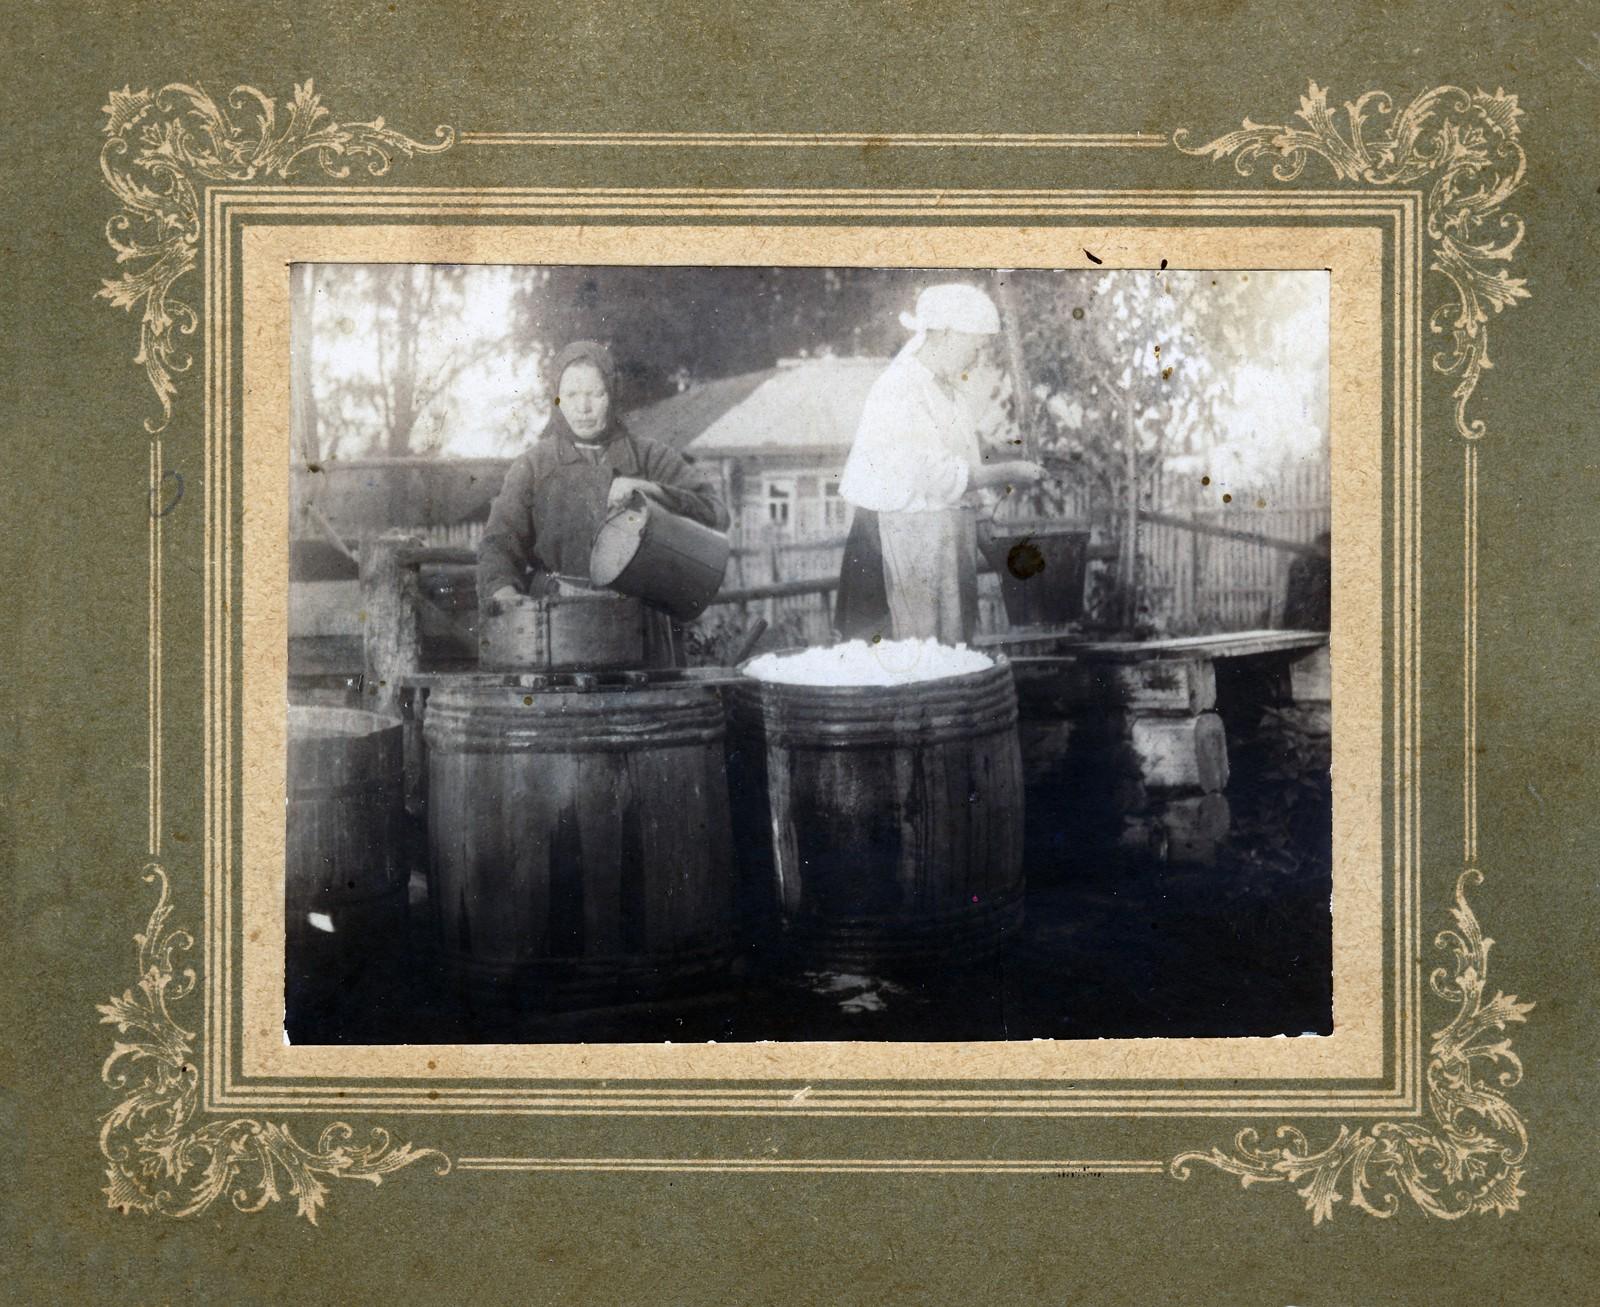 03. Промывка картофеля у колодца